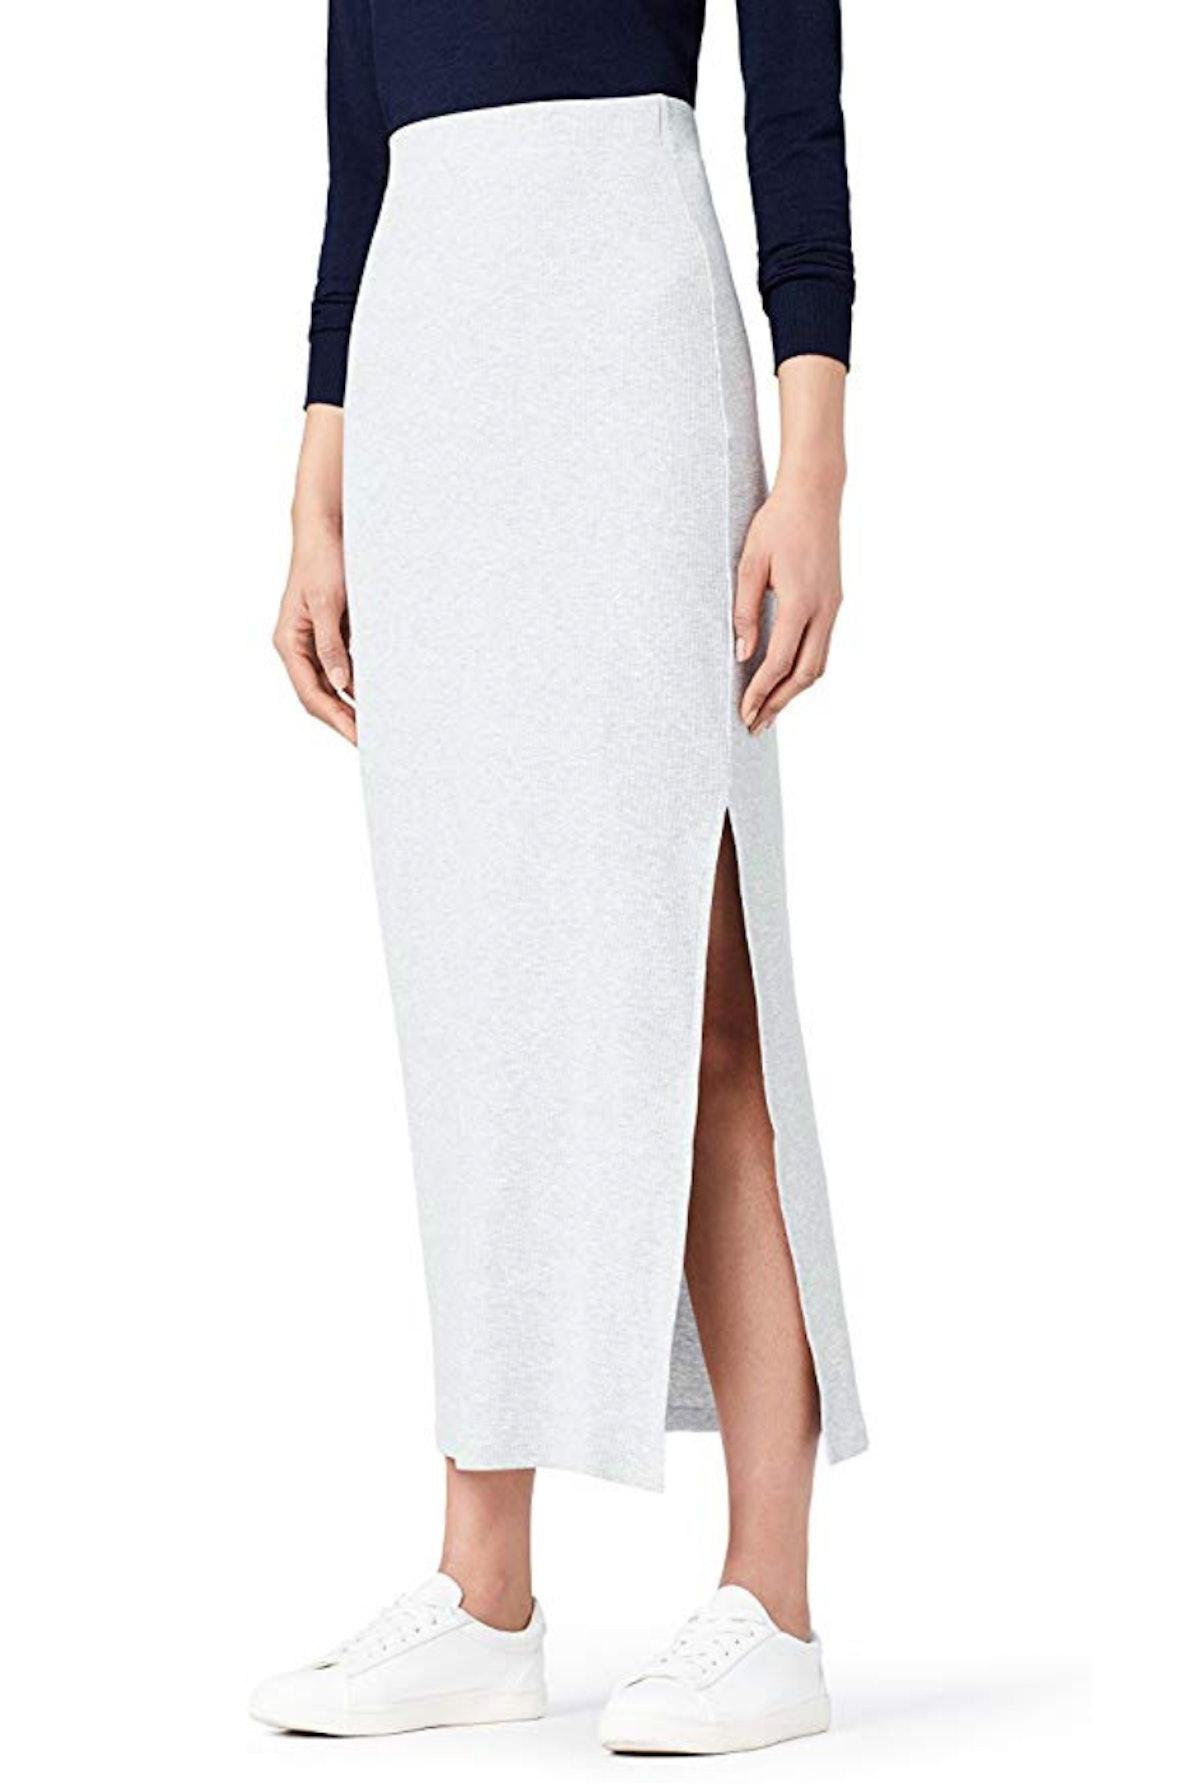 Meraki Women's Rib Maxi Skirt